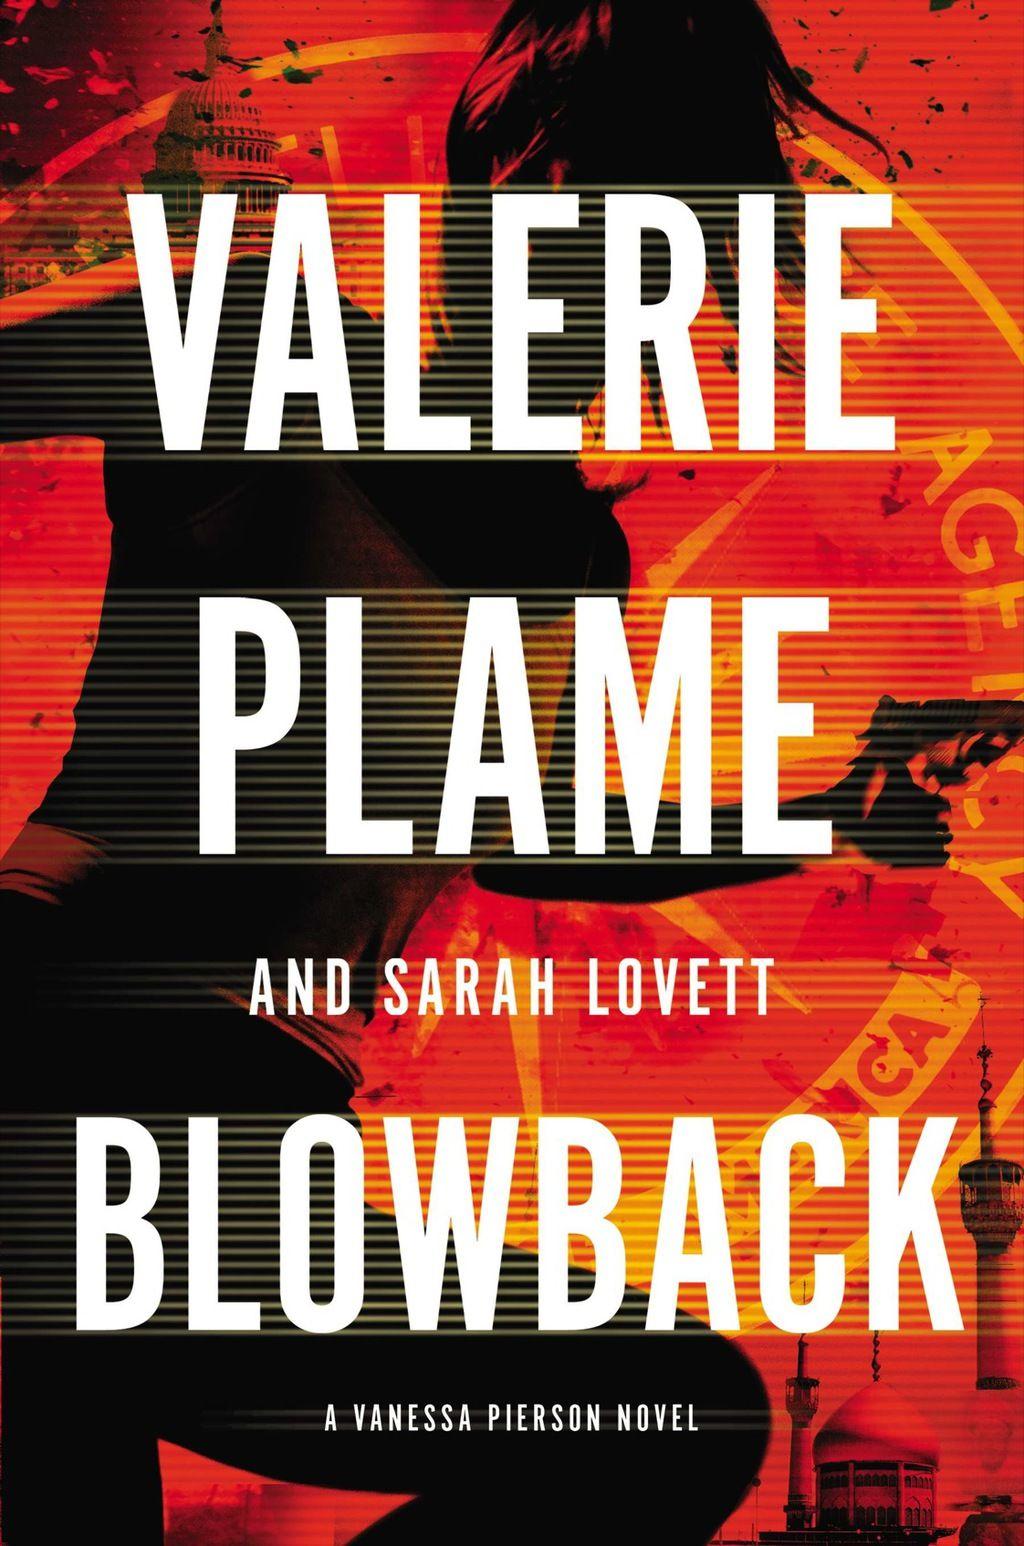 Blowback (eBook) in 2019 | Janet evanovich, Audio books